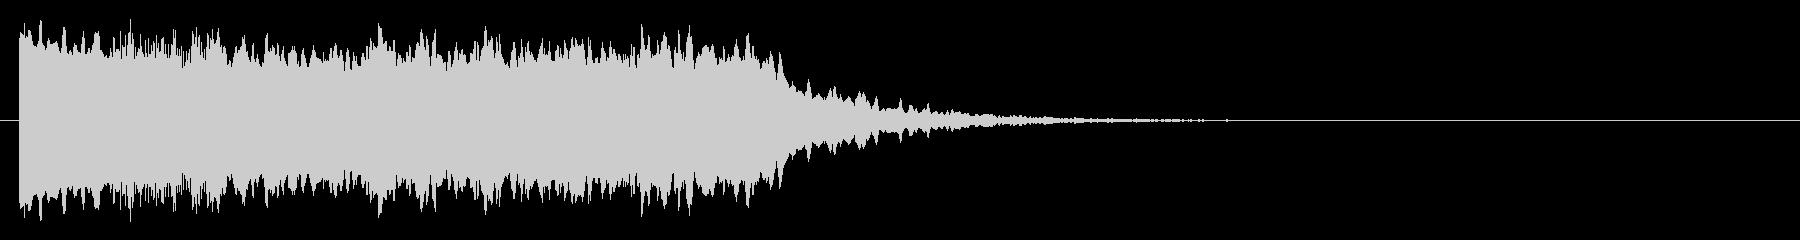 キャー(悲鳴っぽい)の未再生の波形